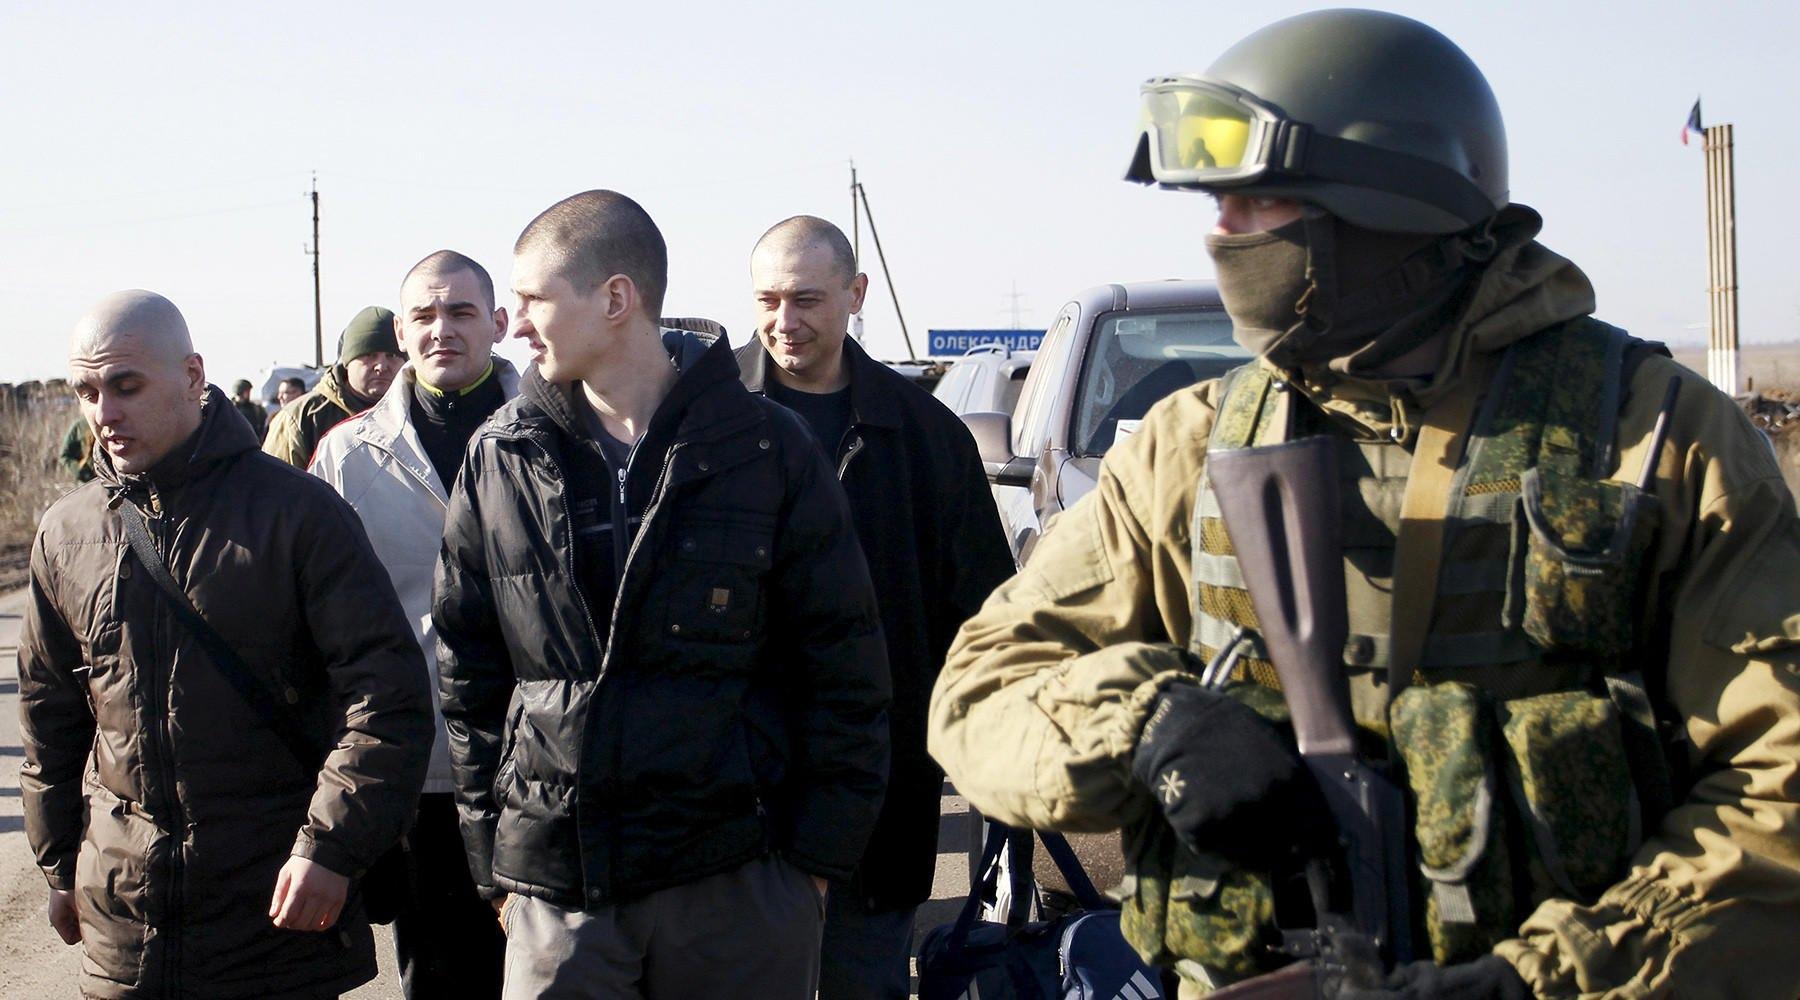 Контактная группа начала видеоконференцию по обмену пленными между Украиной и Донбассом – МИД